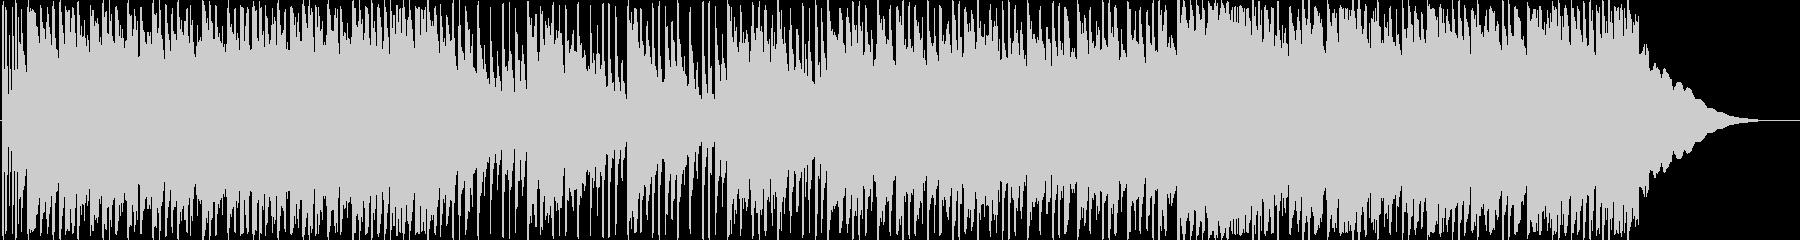 爽やかなミドルテンポのロックBGMの未再生の波形